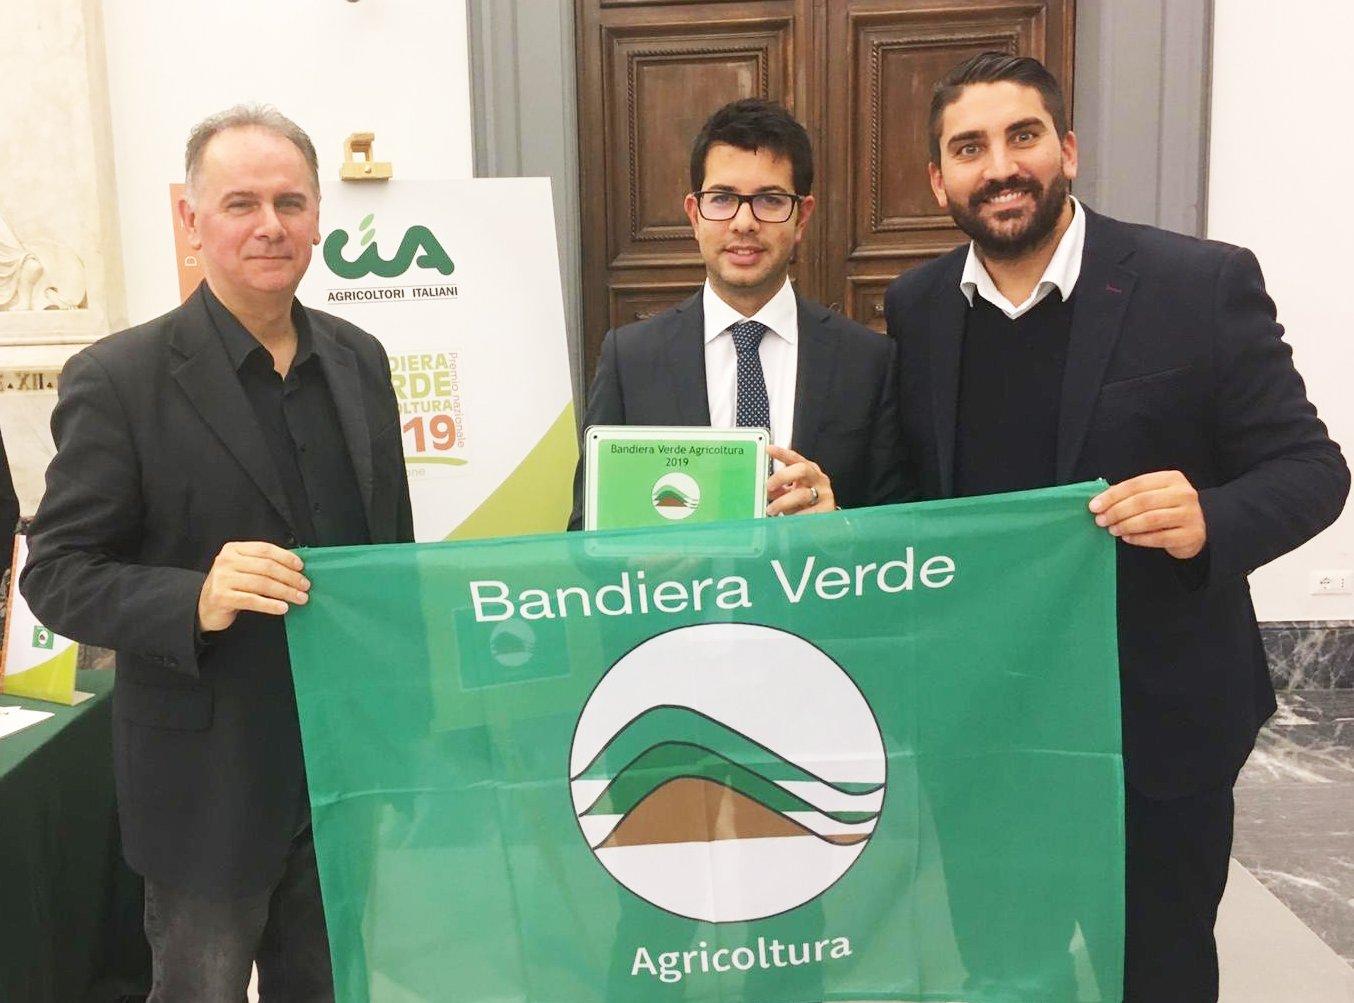 FOTO 1_BAndiera Verde_Parco Delta_Gianni Padovani, Stefano Calderoni, Ma...